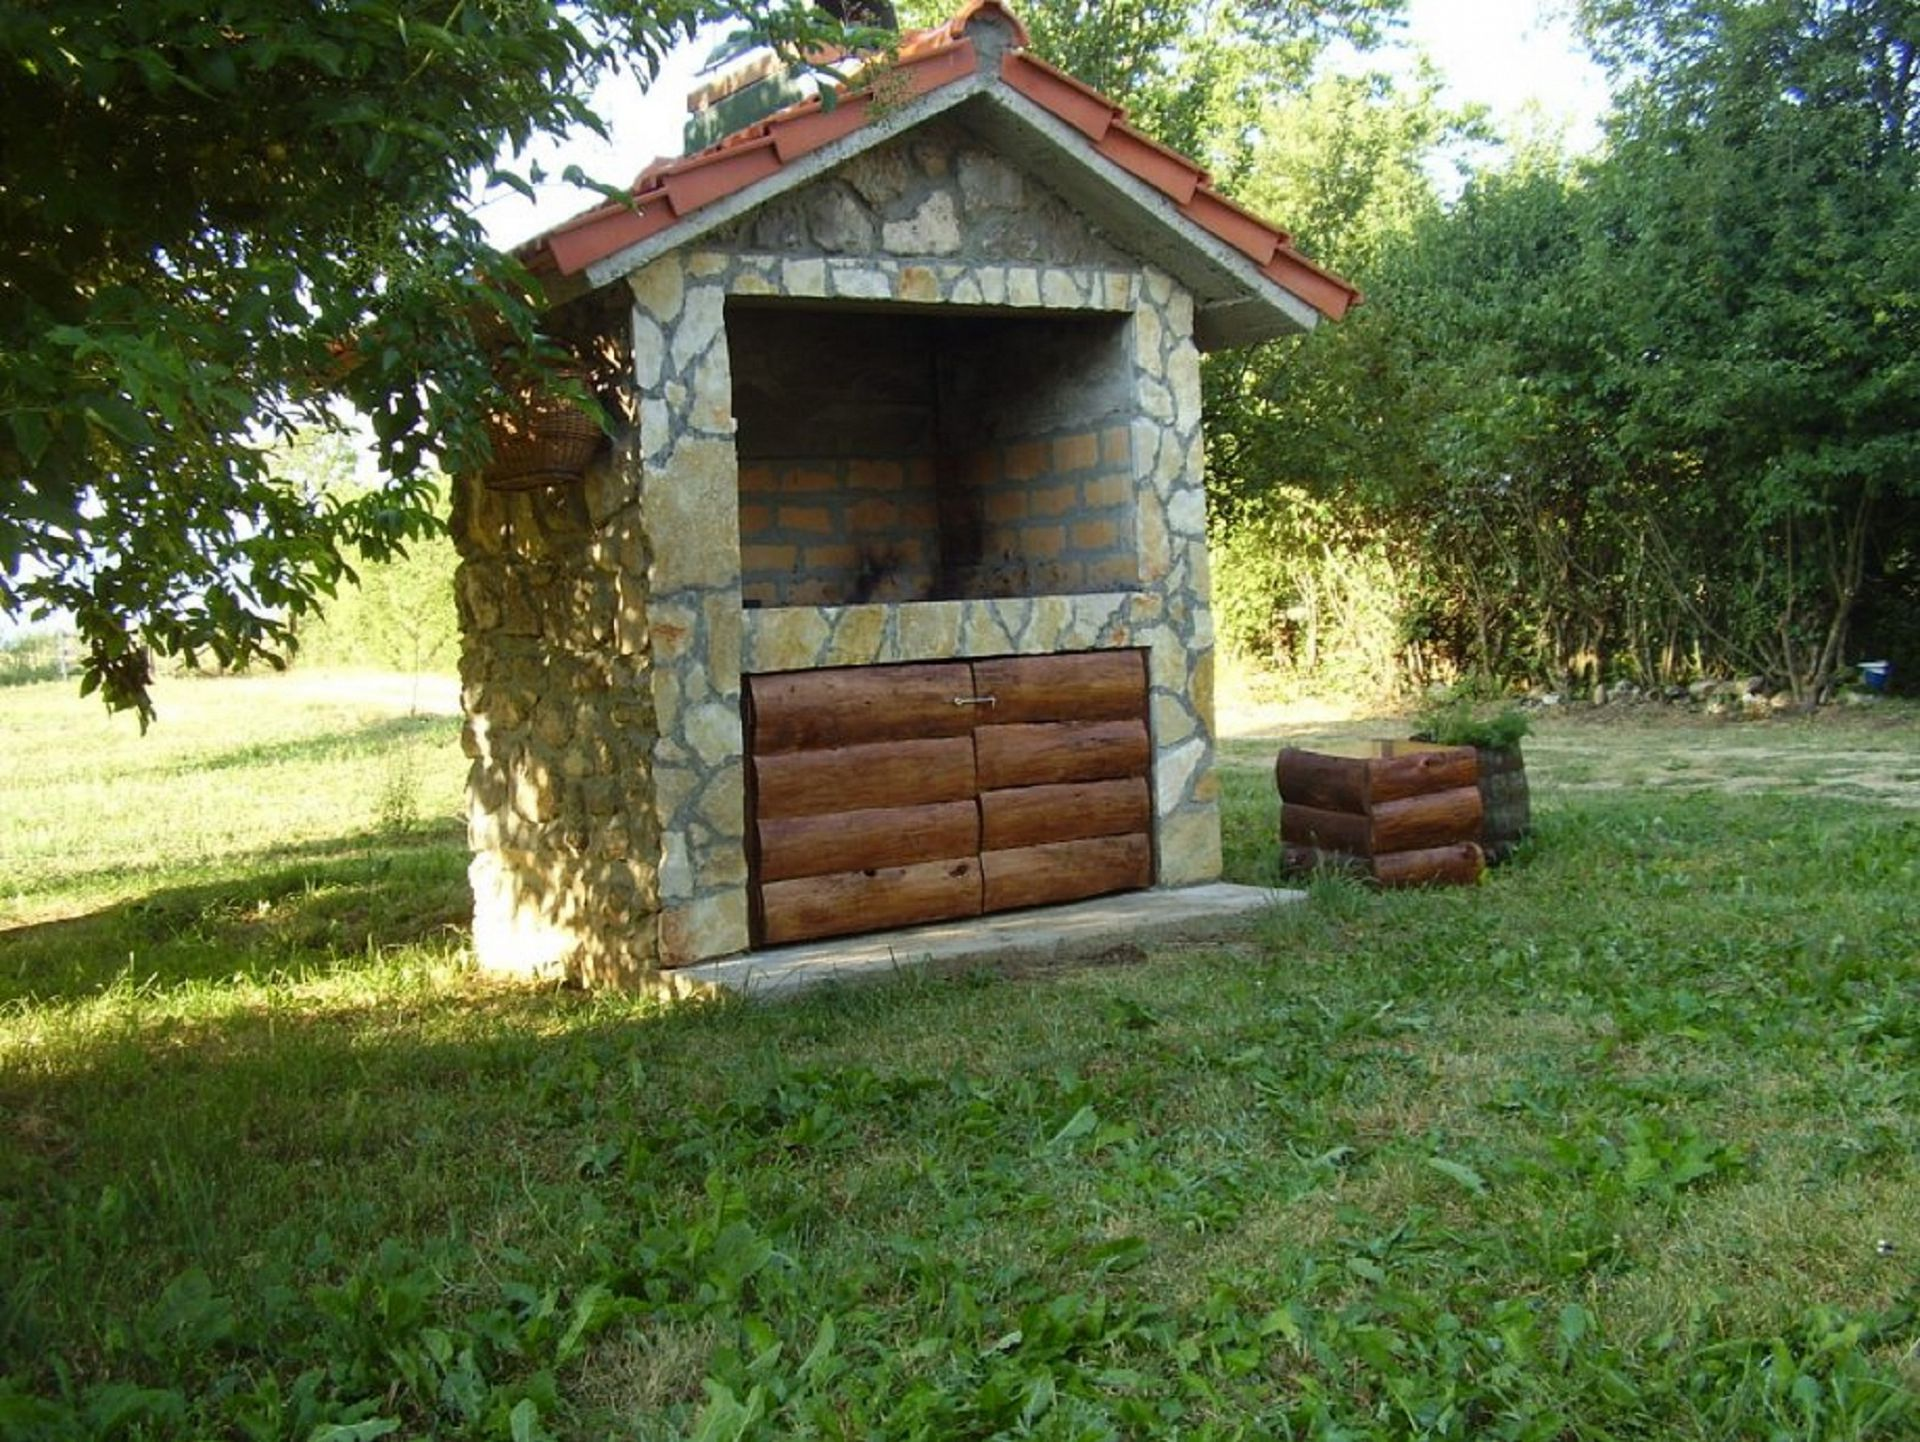 Biserka - Gacka dolina - Maisons de repos, villas Croatie - barbecue (maison et environs)